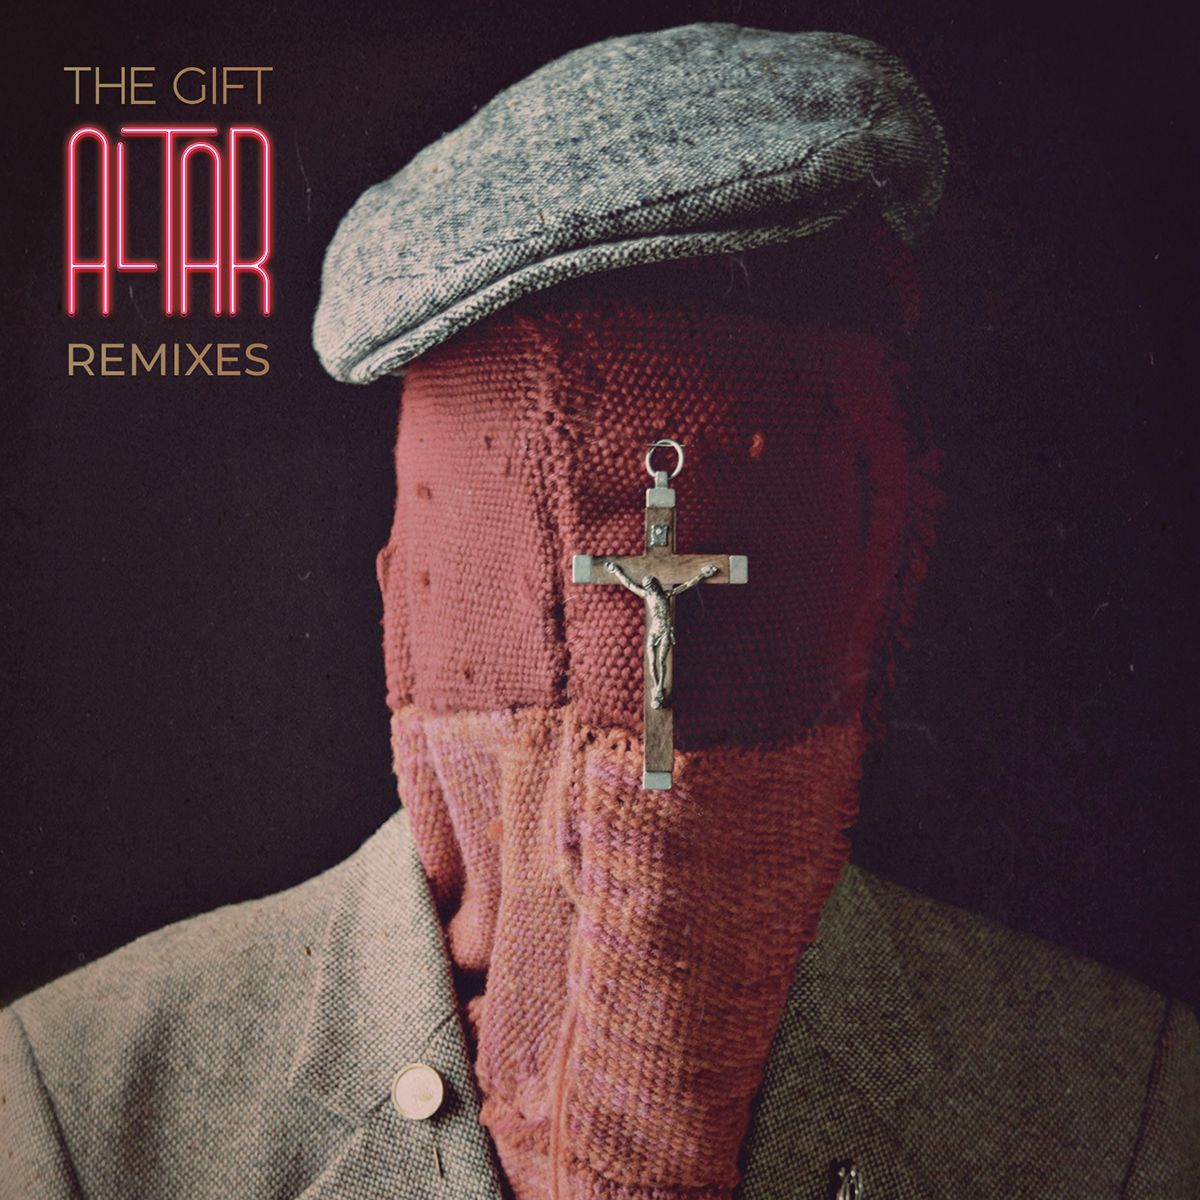 Altar Deluxe Edition dos The Gift, incluindo remixes, disponível a 30 de Novembro